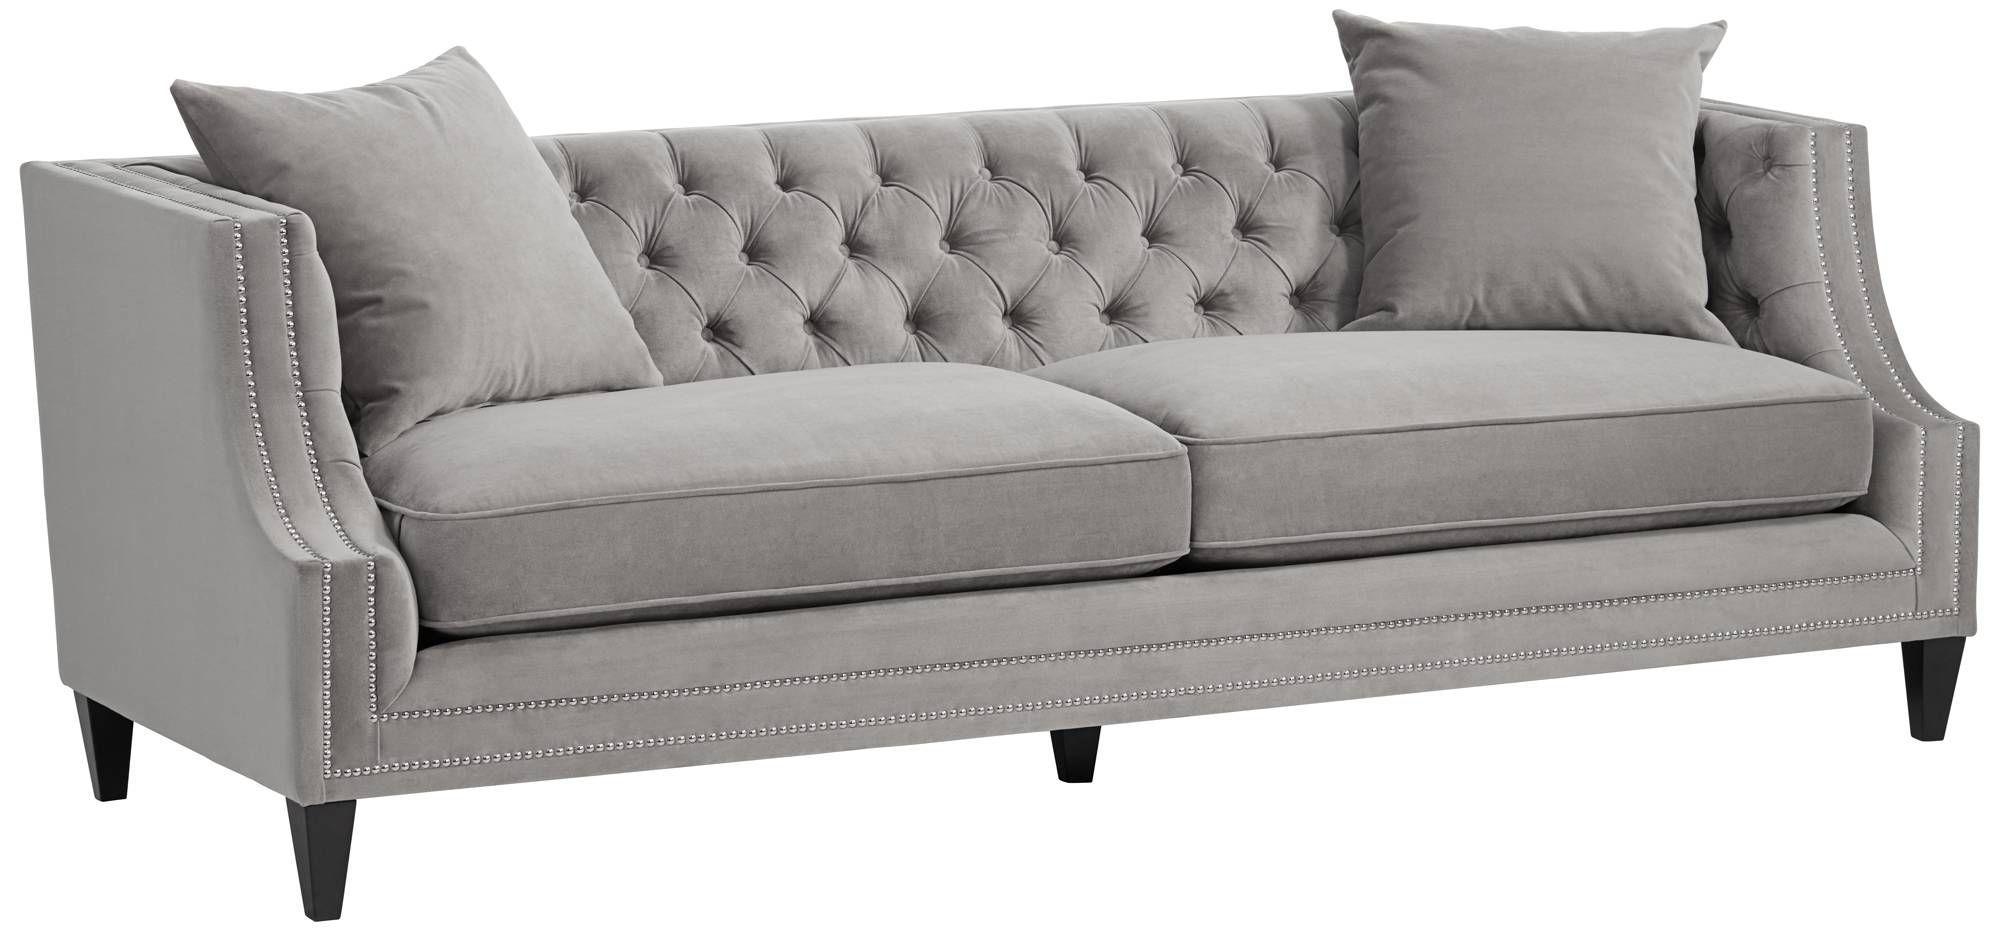 Marilyn Gray Velvet Tufted Upholstered Sofa   #14K43 | Lamps Plus